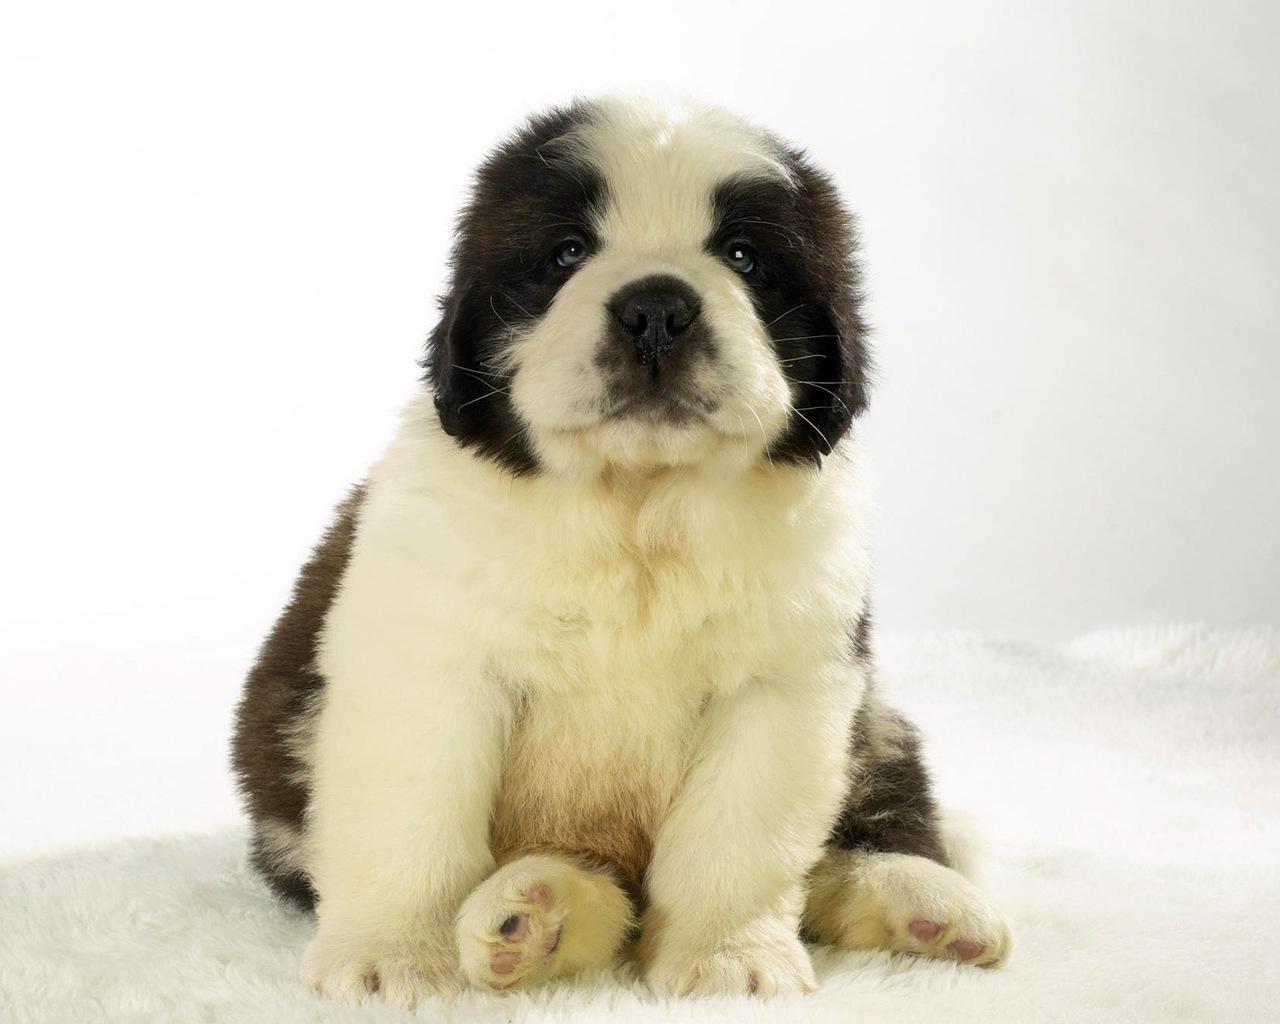 cute puppy 19965